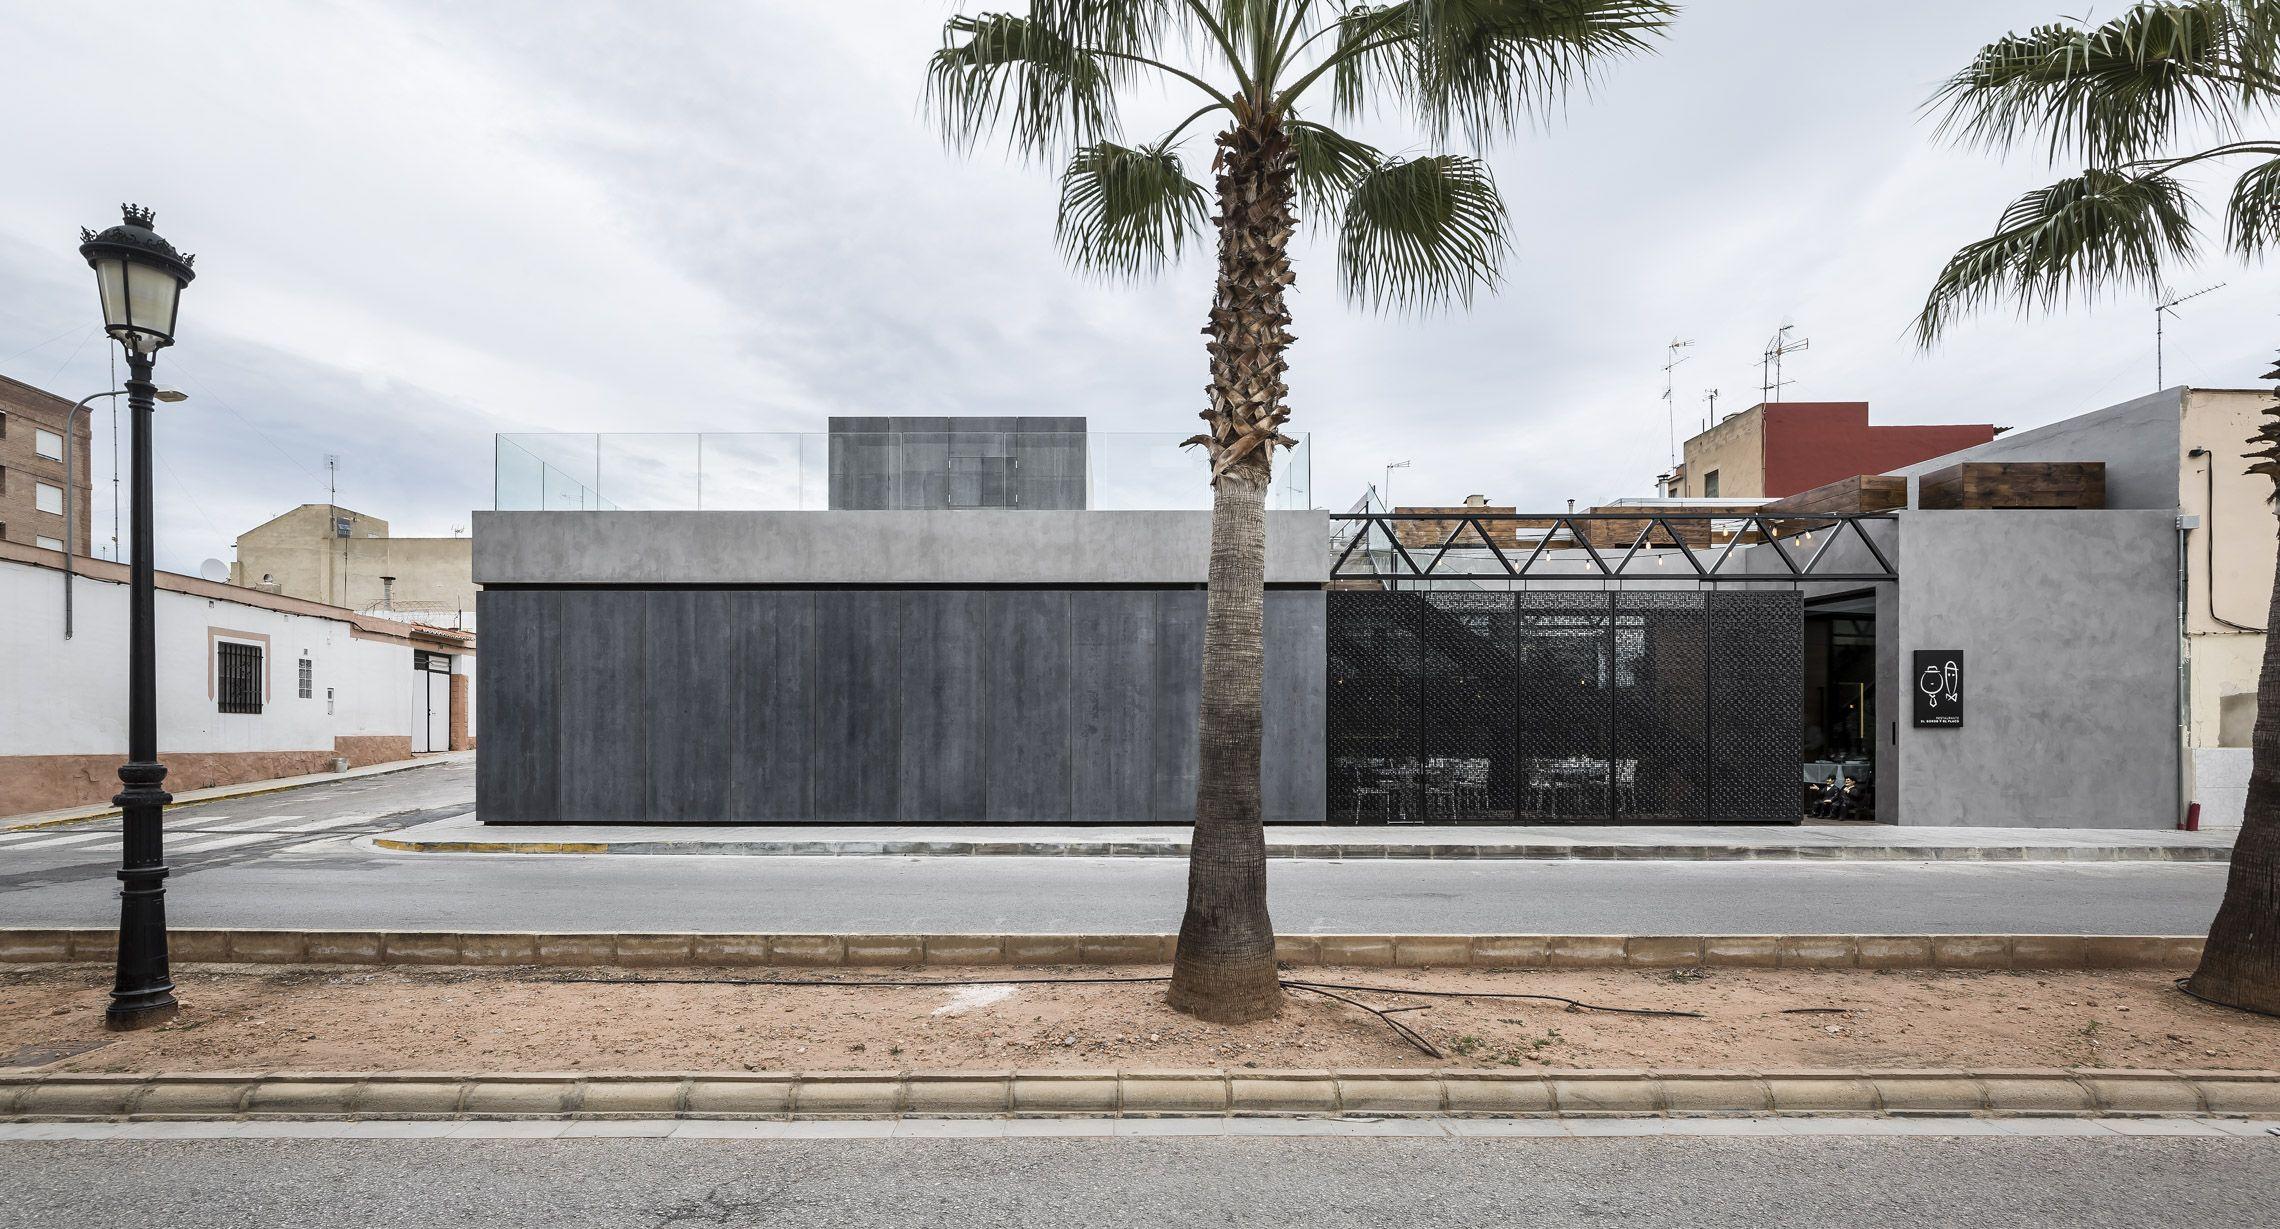 Fachada de viroc y microcemento facade made with viroc - Microcemento en mexico ...